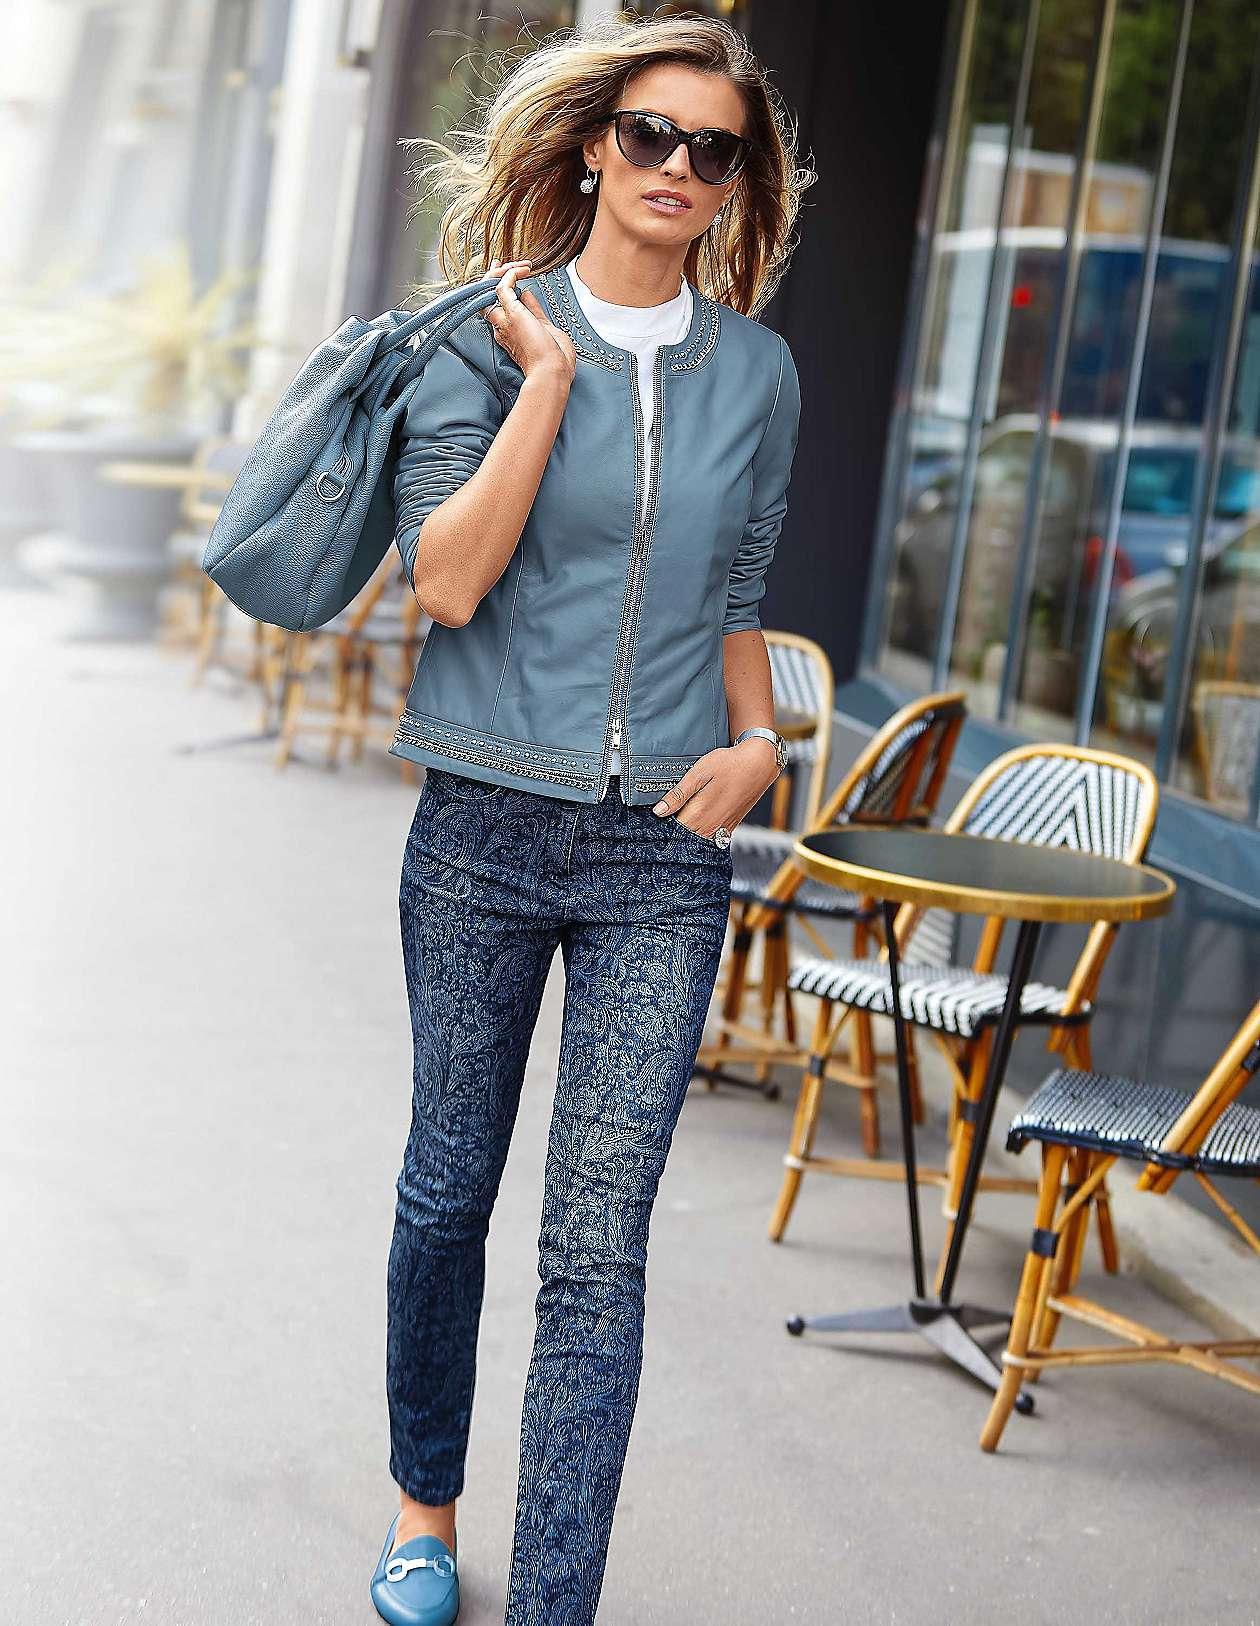 bd6f7876954d4 Damenhosen modisch, elegant und schick | MADELEINE Mode